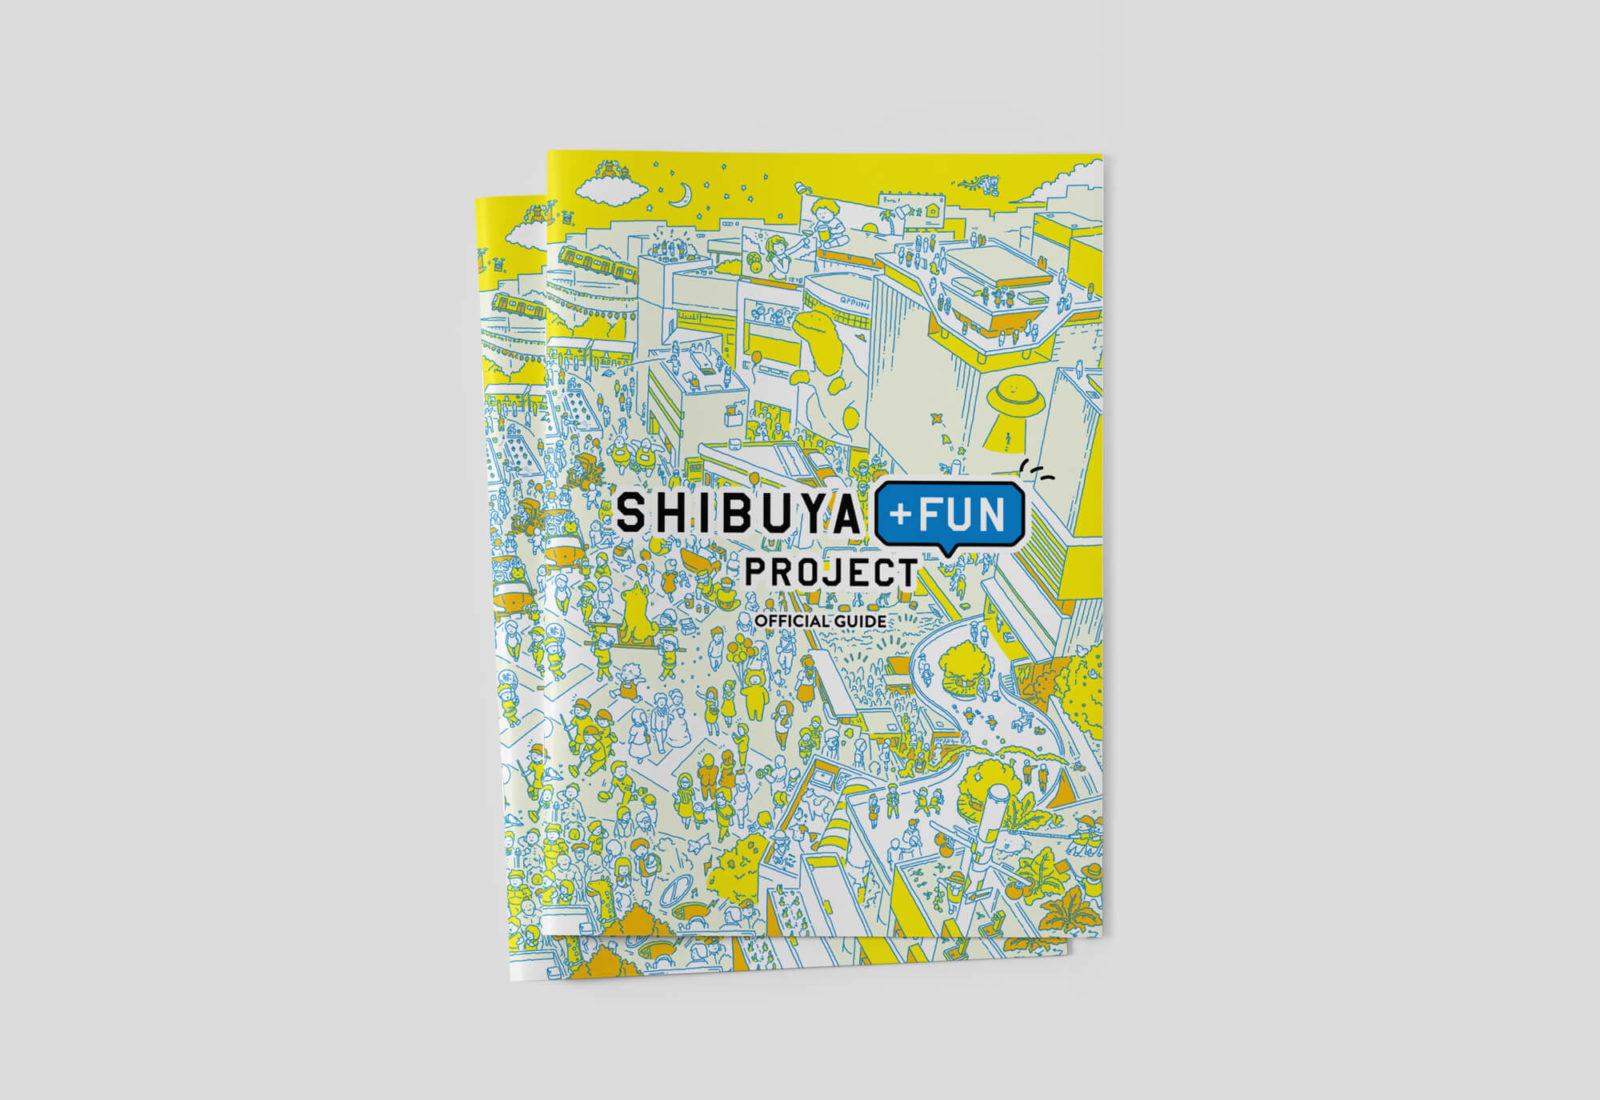 都市を動かすコンセプトブック /『SHIBUYA + FUN PROJECT』